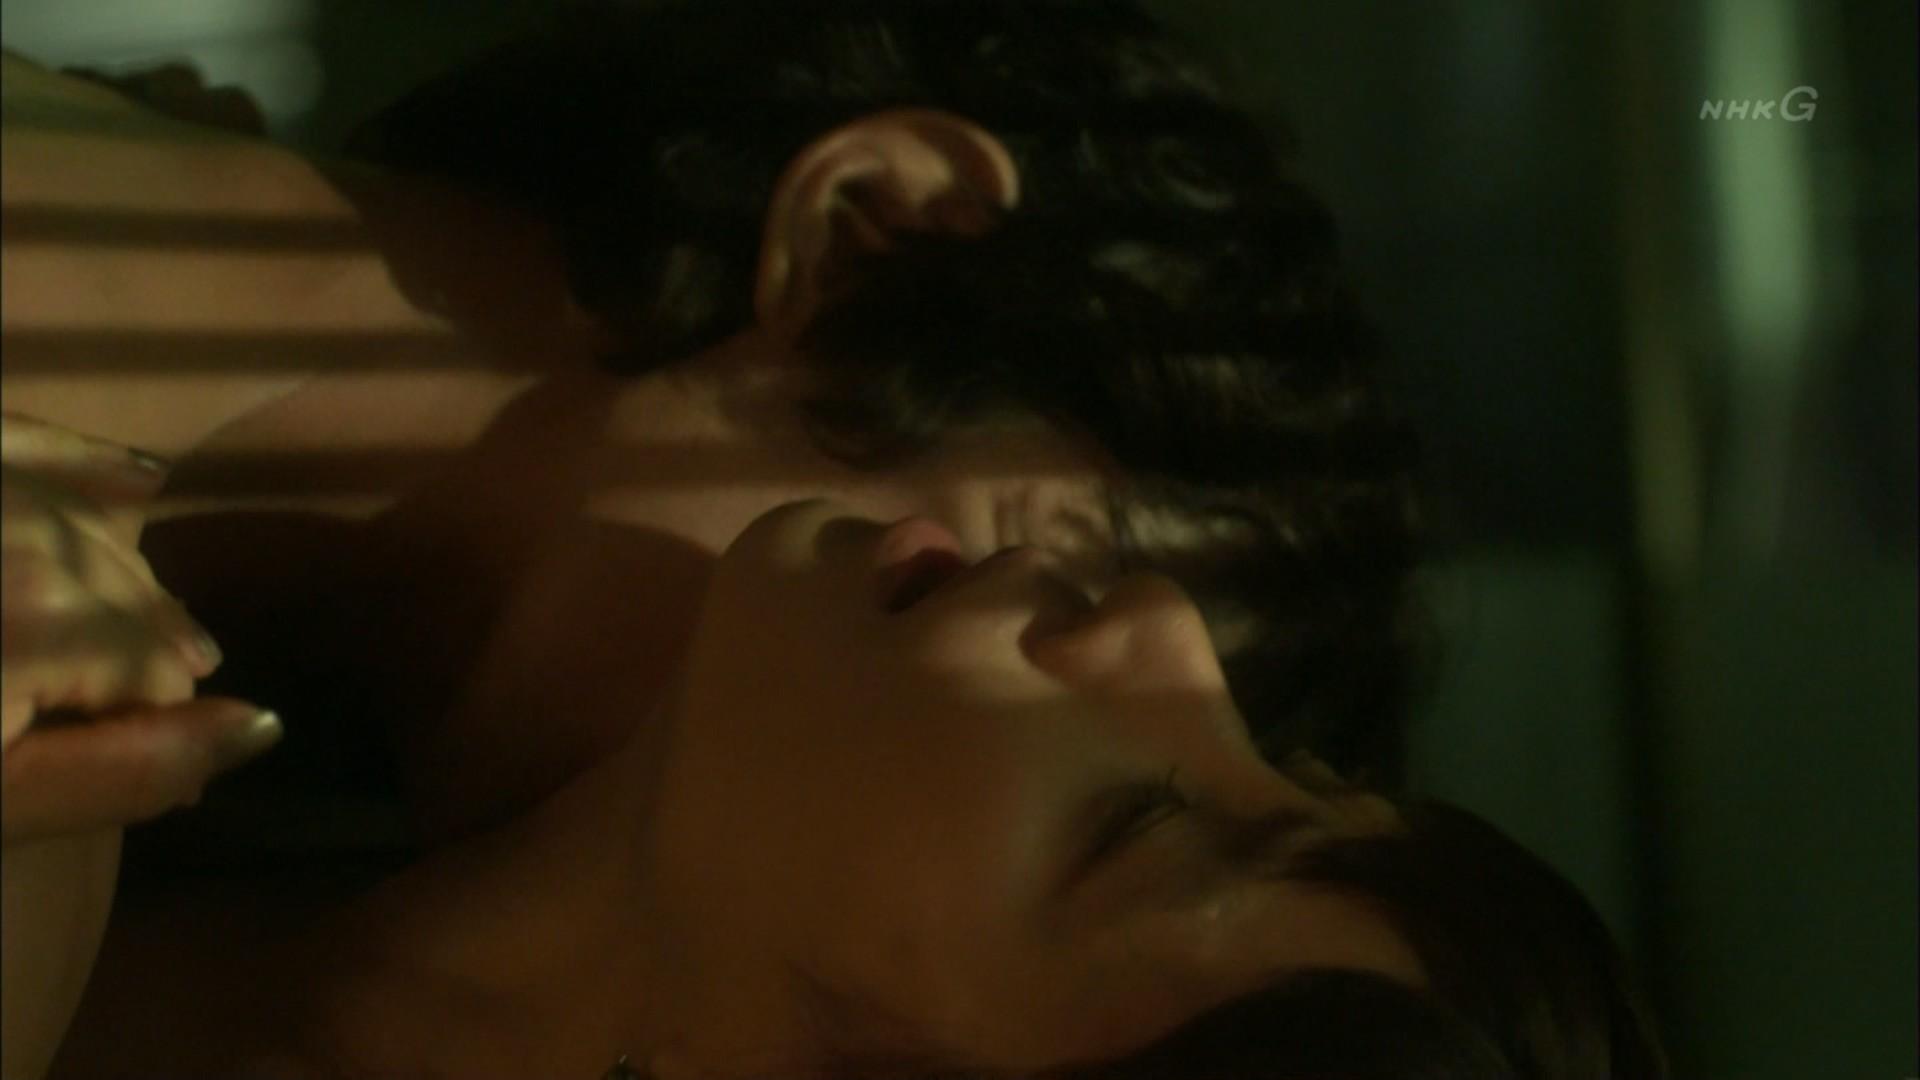 石田ゆり子 NHKのドラマで濃厚ラブシーンキャプ・エロ画像12